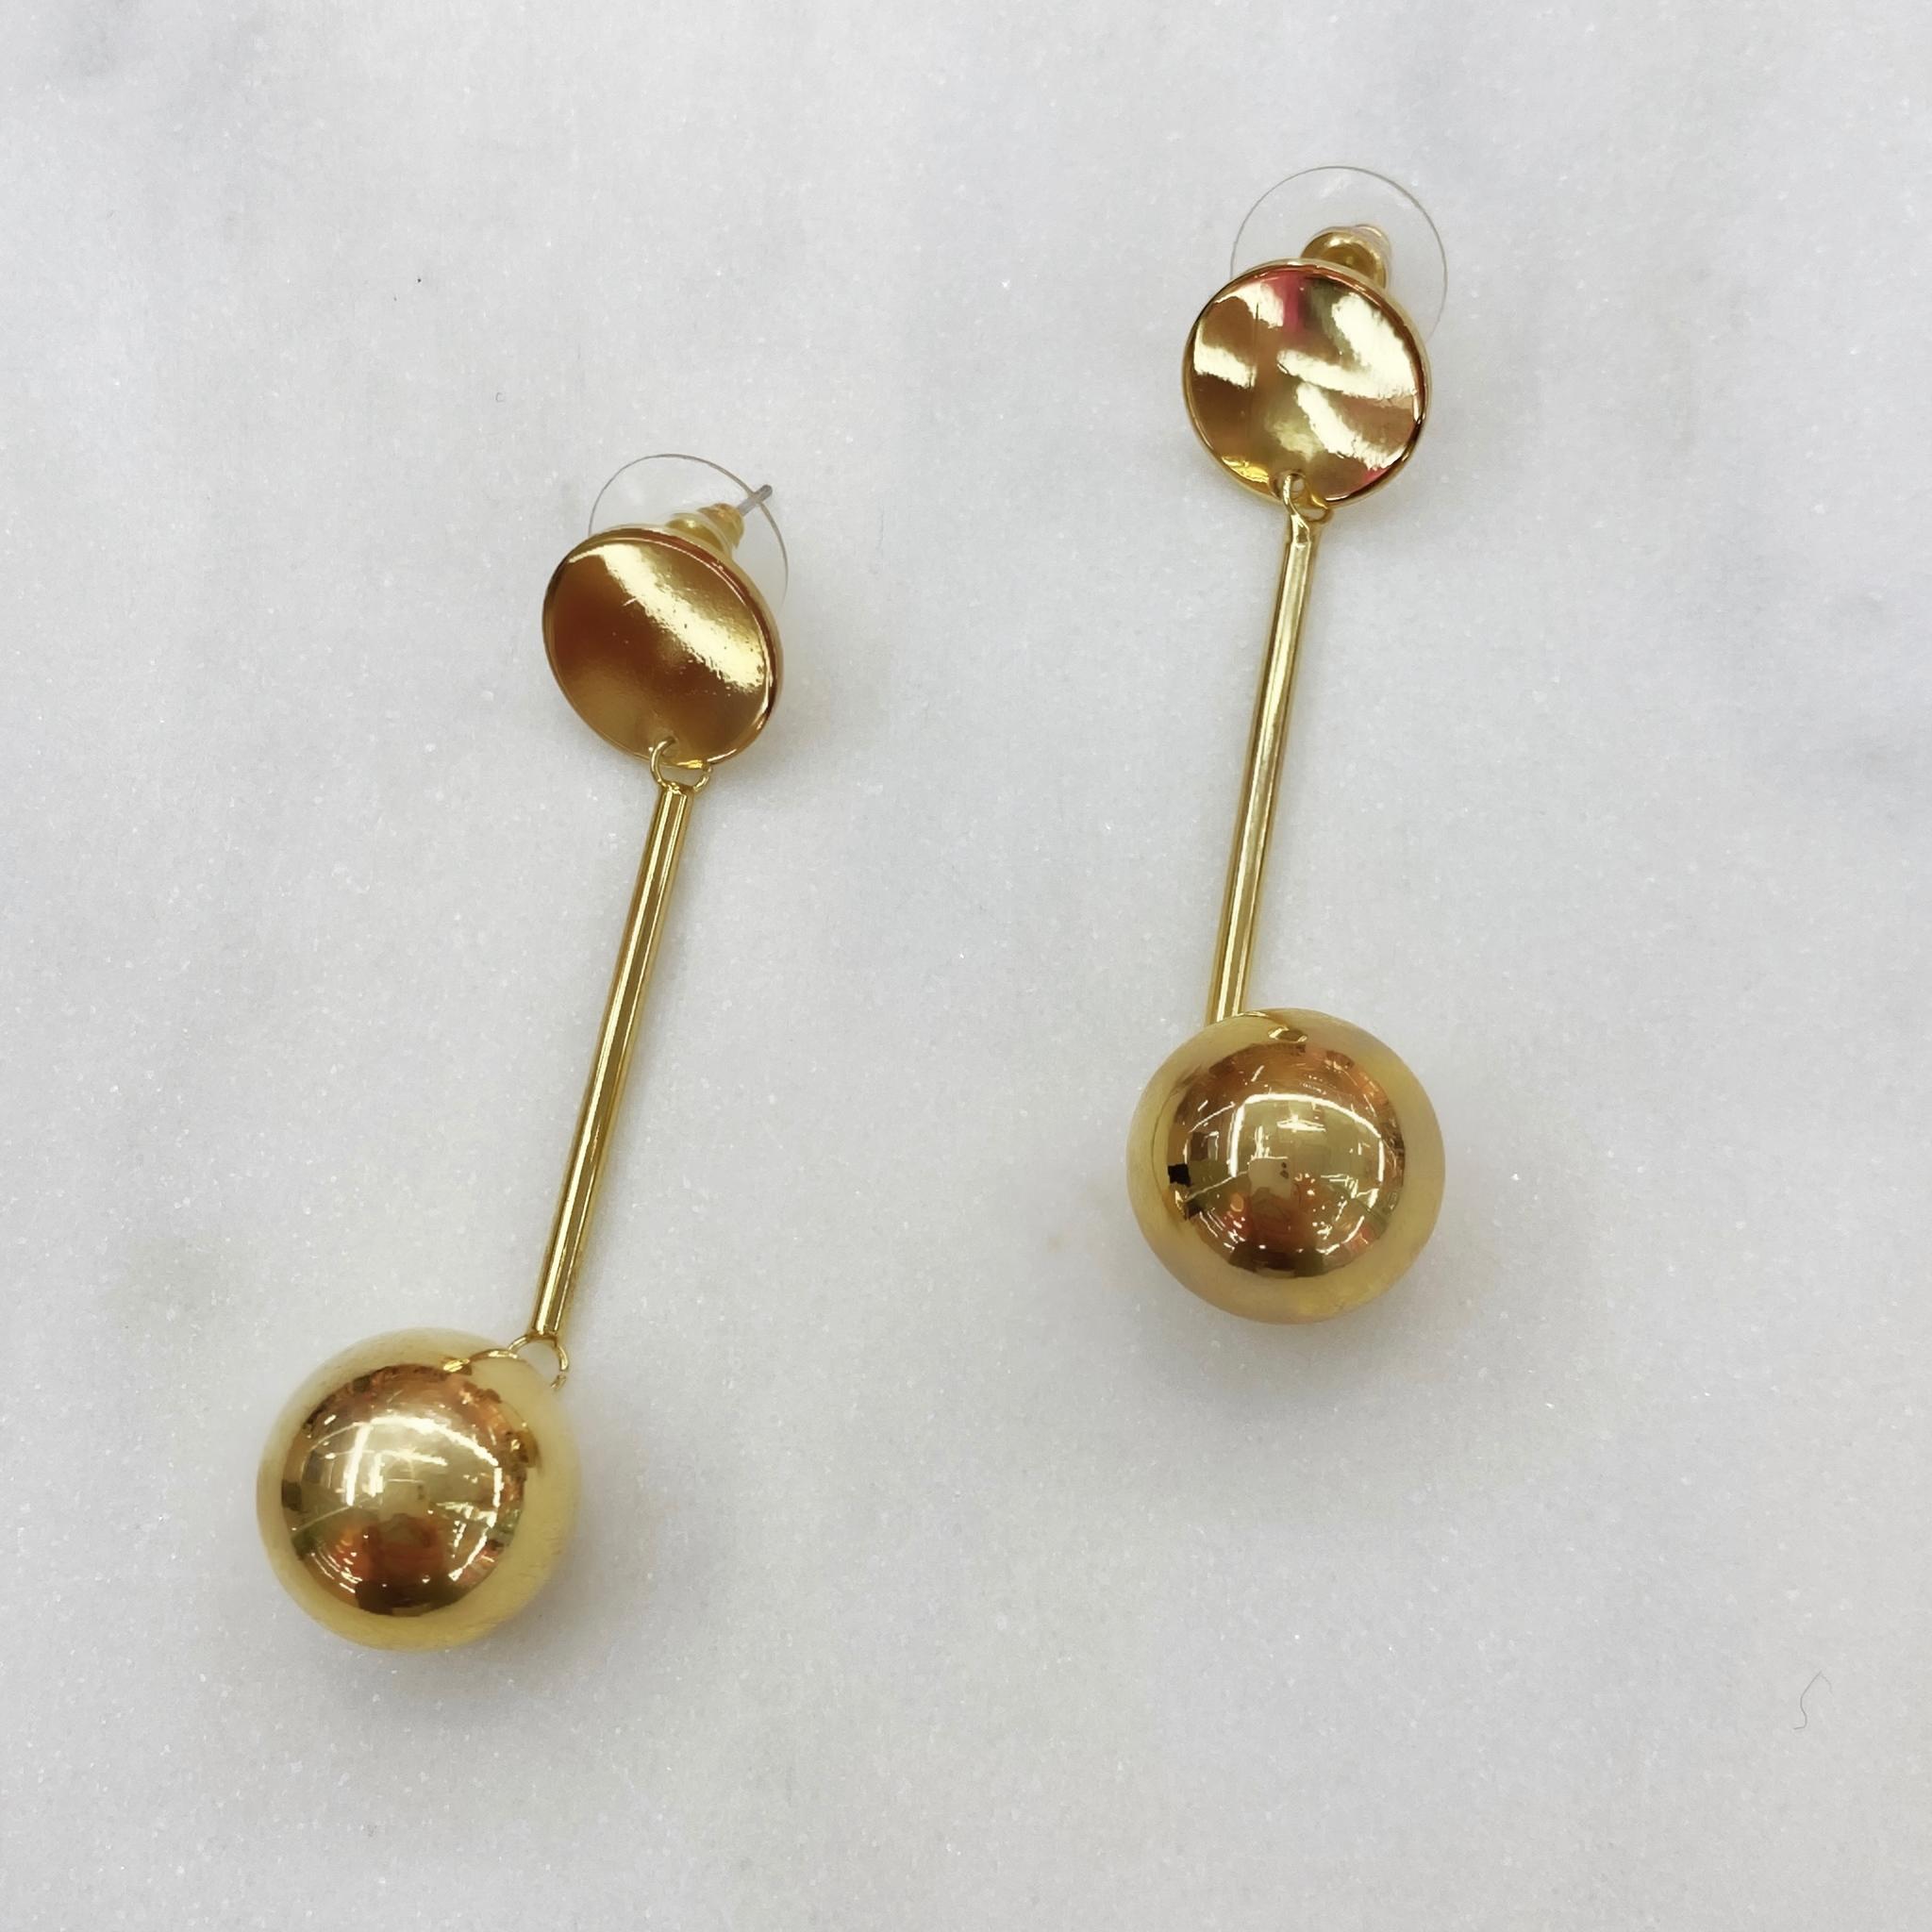 Серьги-подвески с шариком на штифте (золотистый)